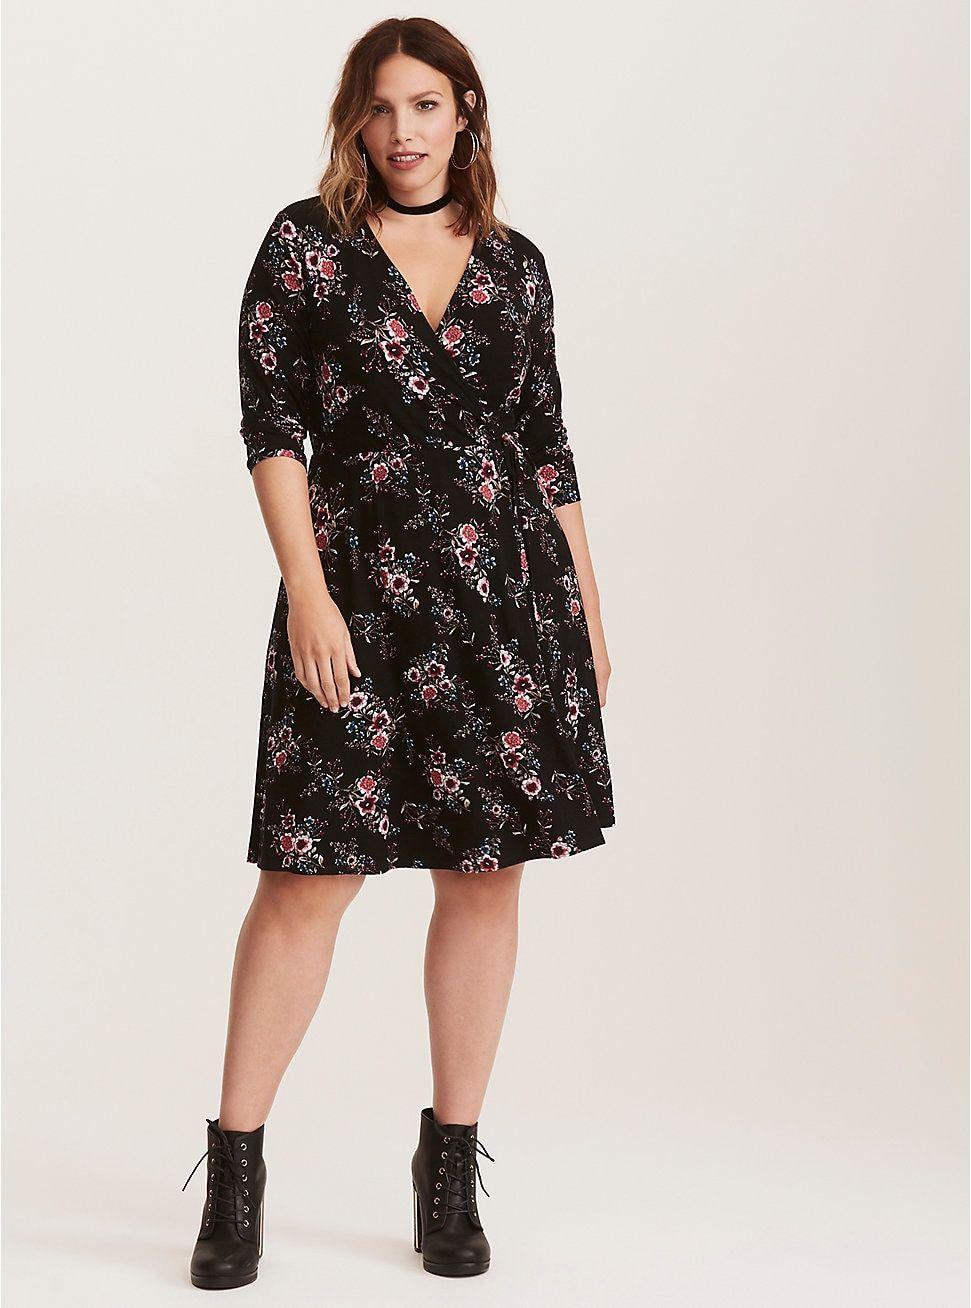 0aae90481f3a Multi-Color Floral Print Wrap Dress | Dresses | Dresses, Wrap Dress ...